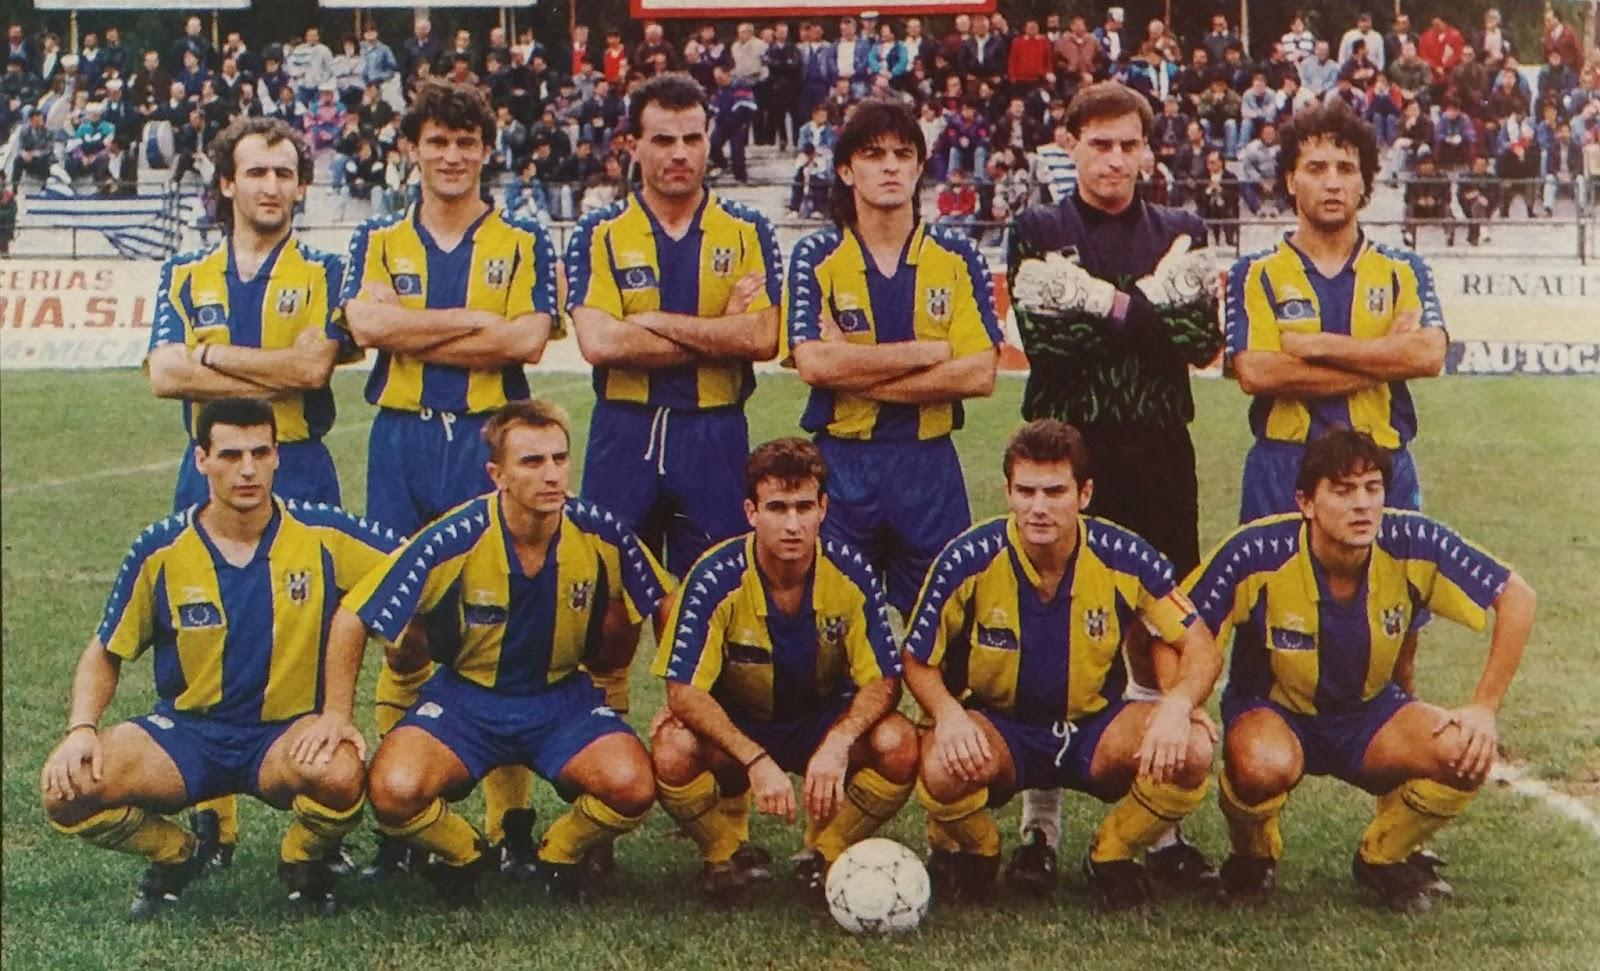 La época dorada del Palamós CF, el decano del fútbol catalán